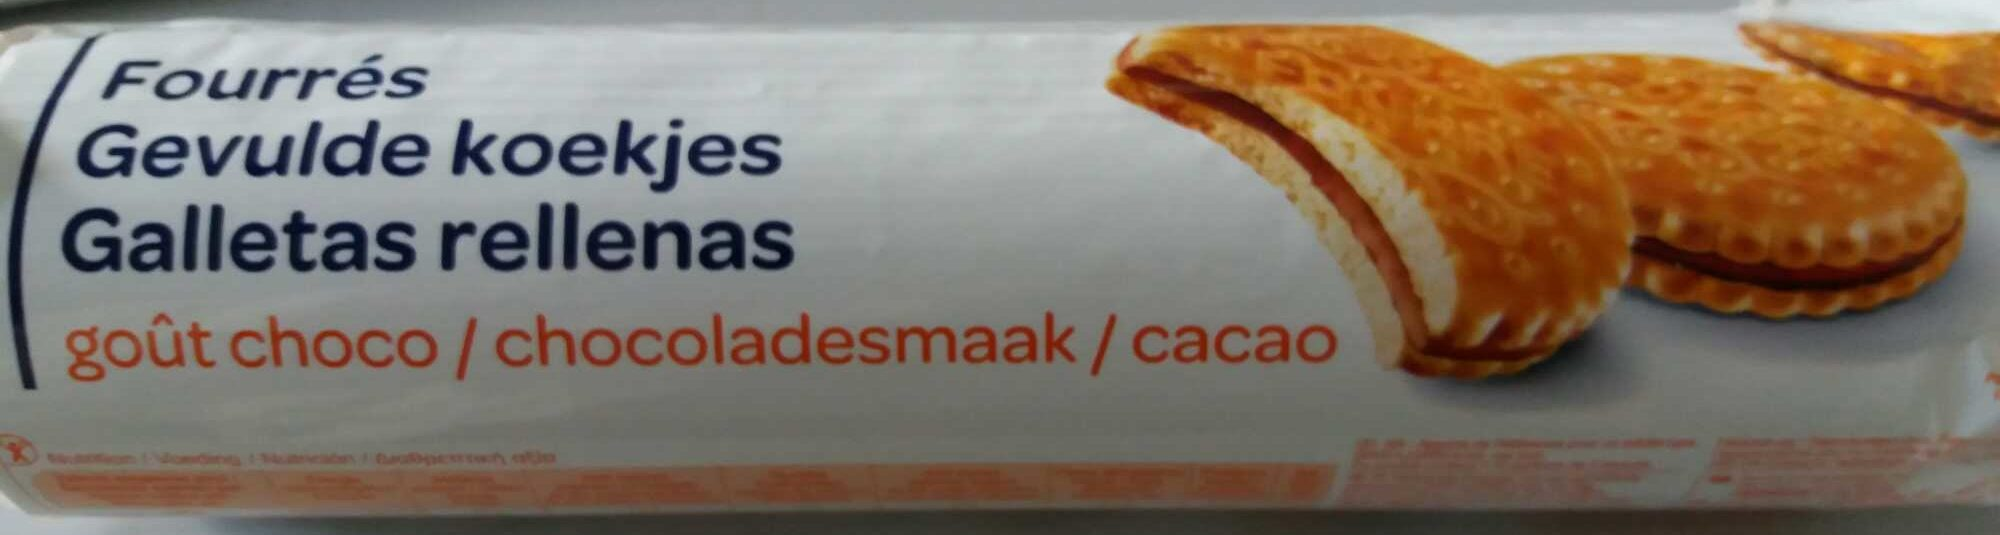 Fourrés goût choco - Produit - fr